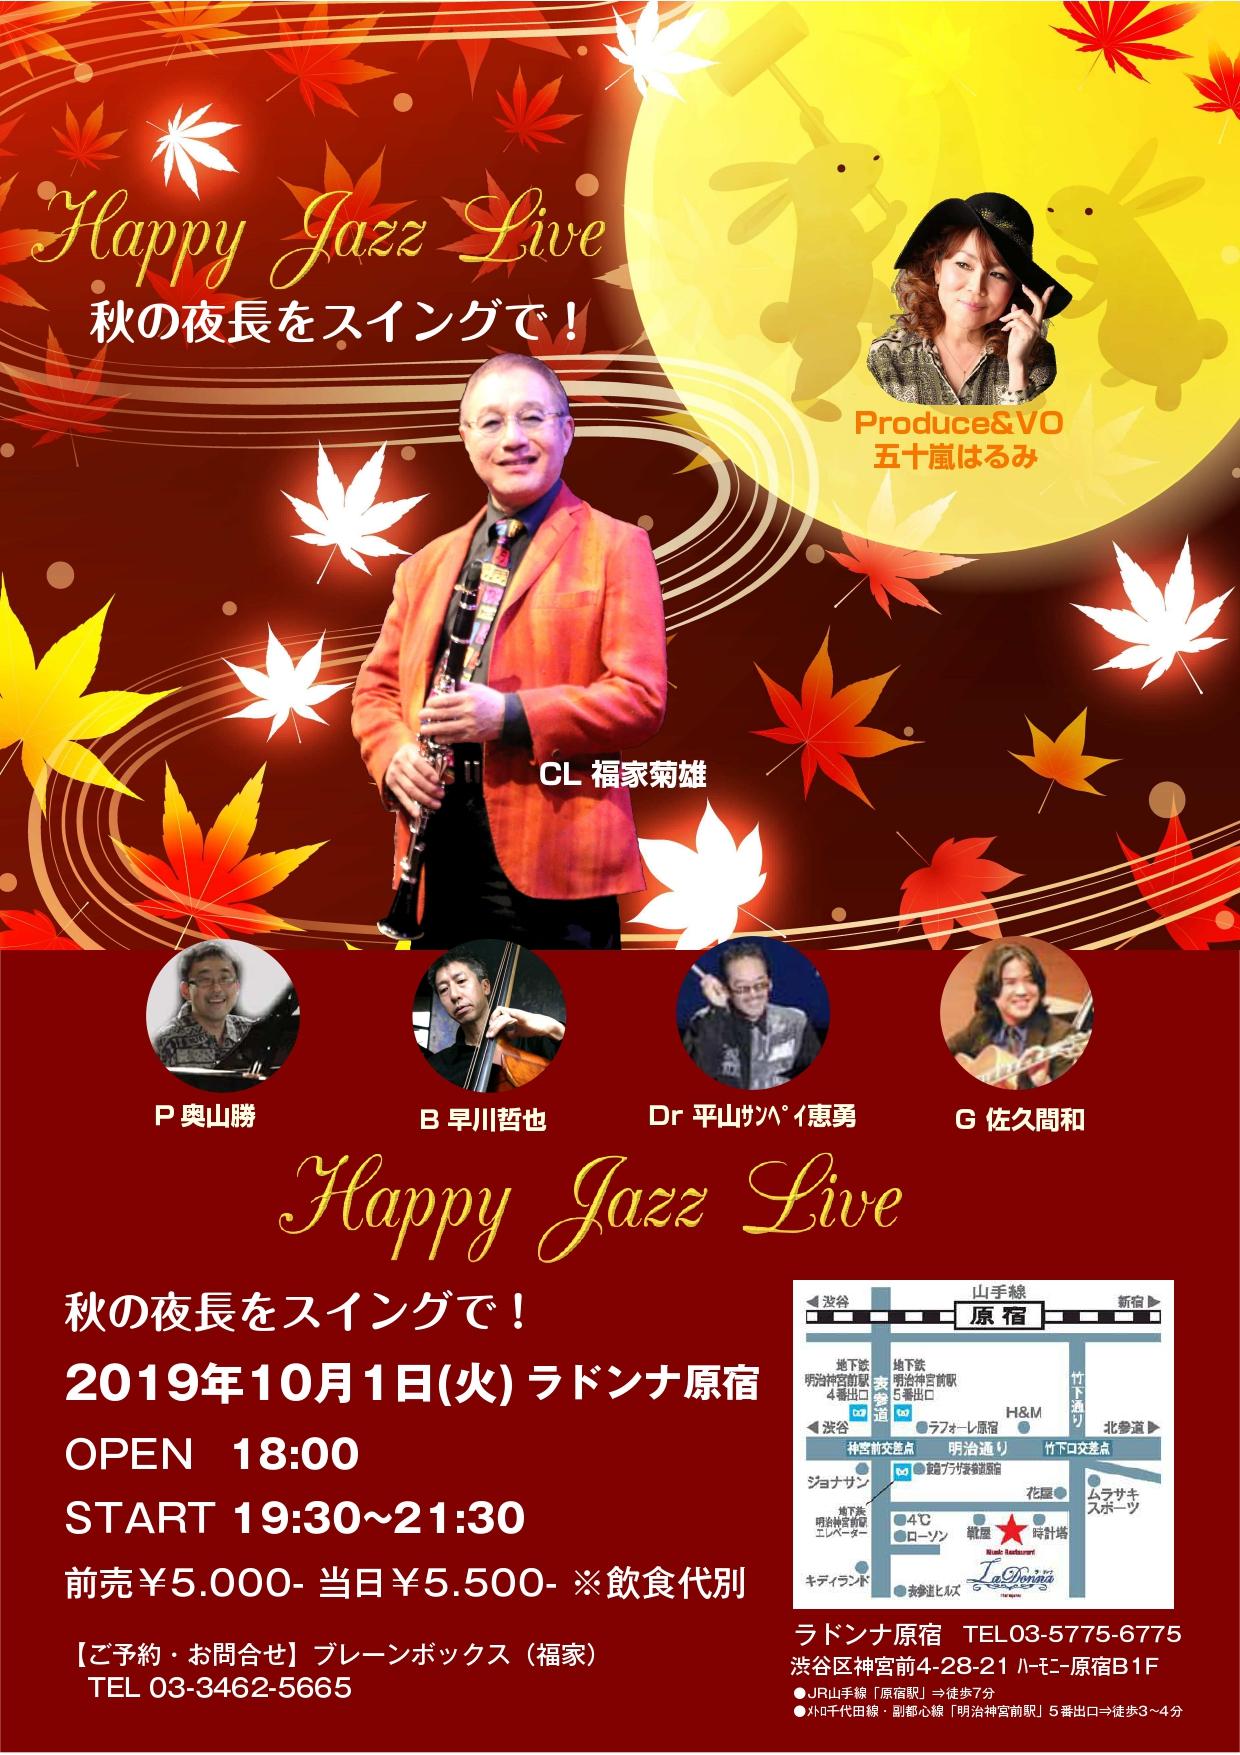 HAPPY JAZZ LIVE ~秋の夜長をスイングで!~